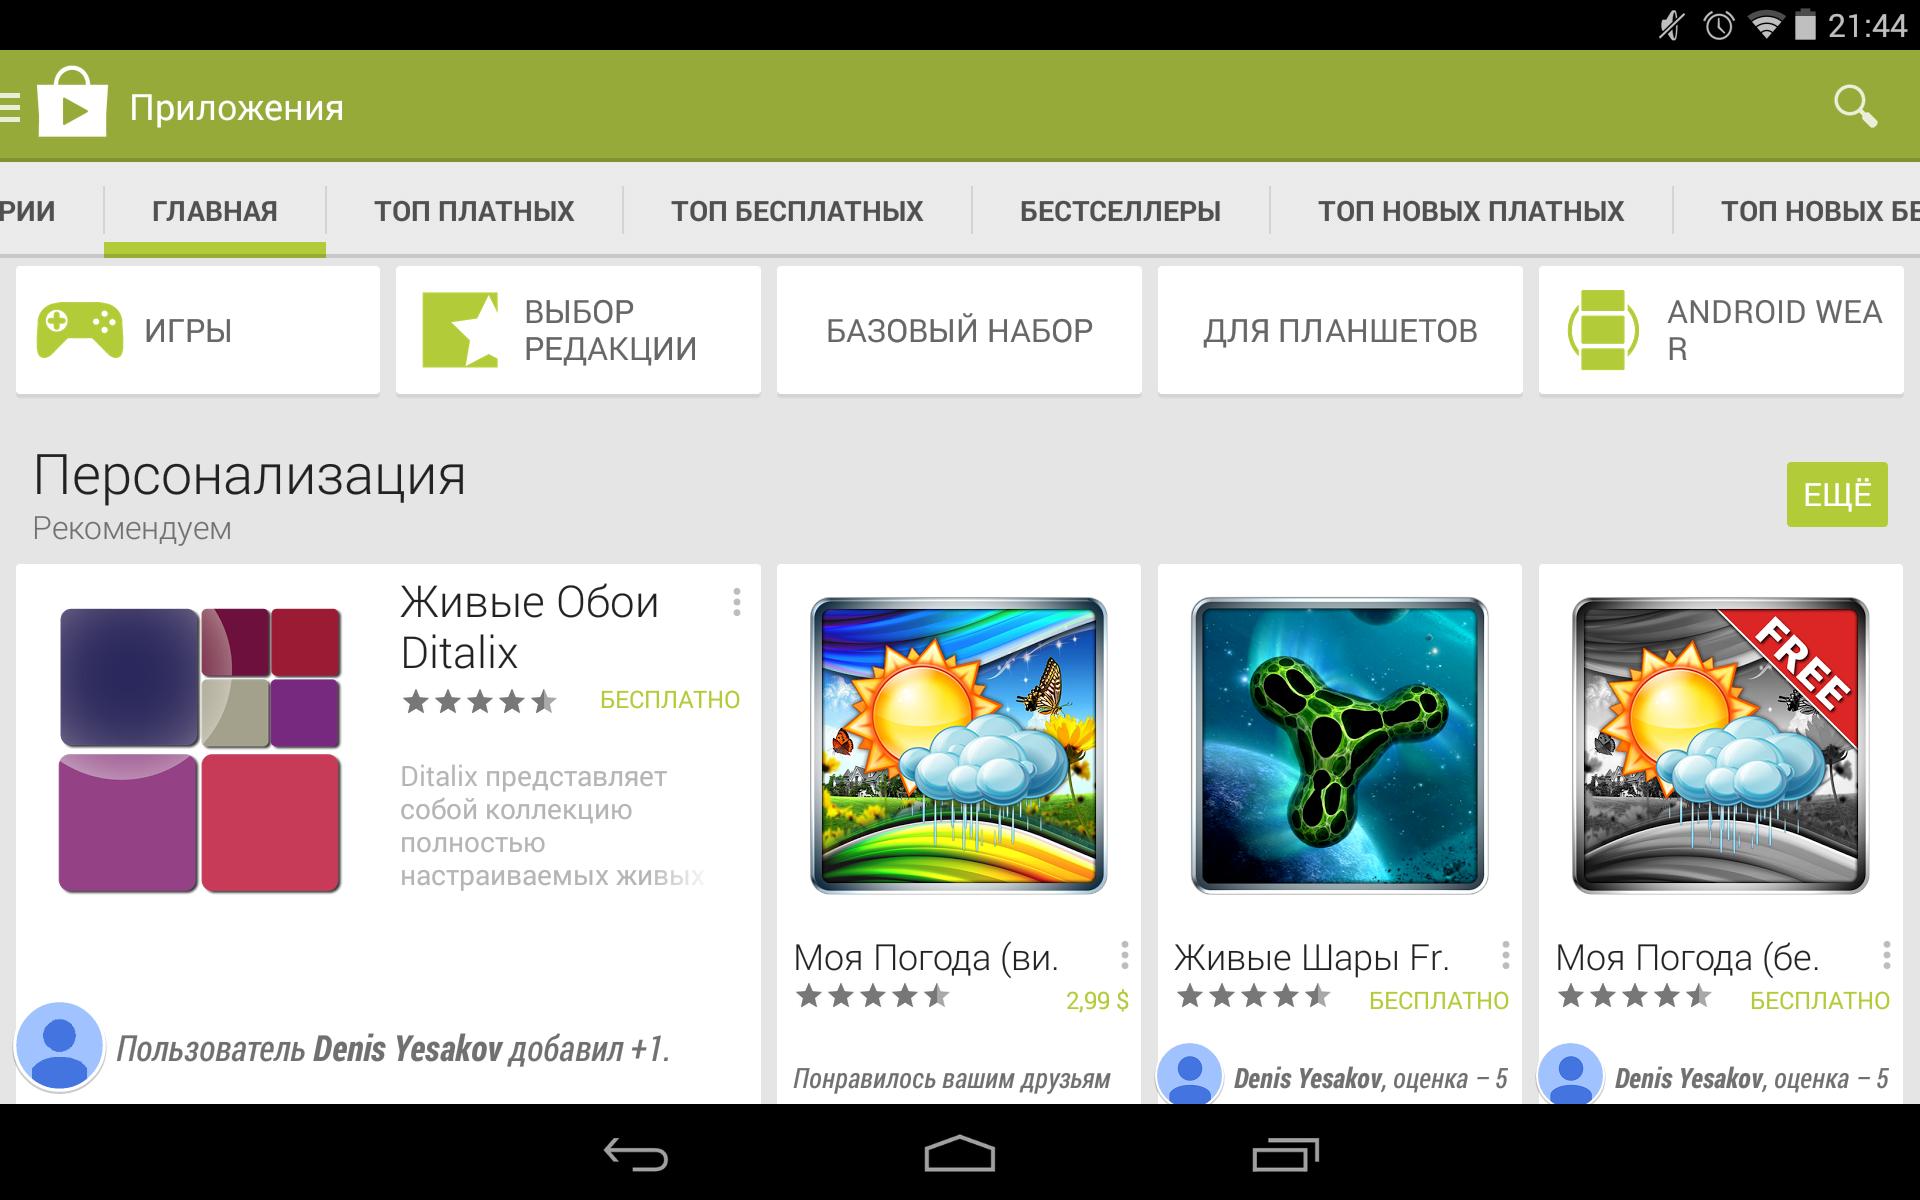 Скачать приложение андроид маркет бесплатно скачать приложение на андроид рулетка